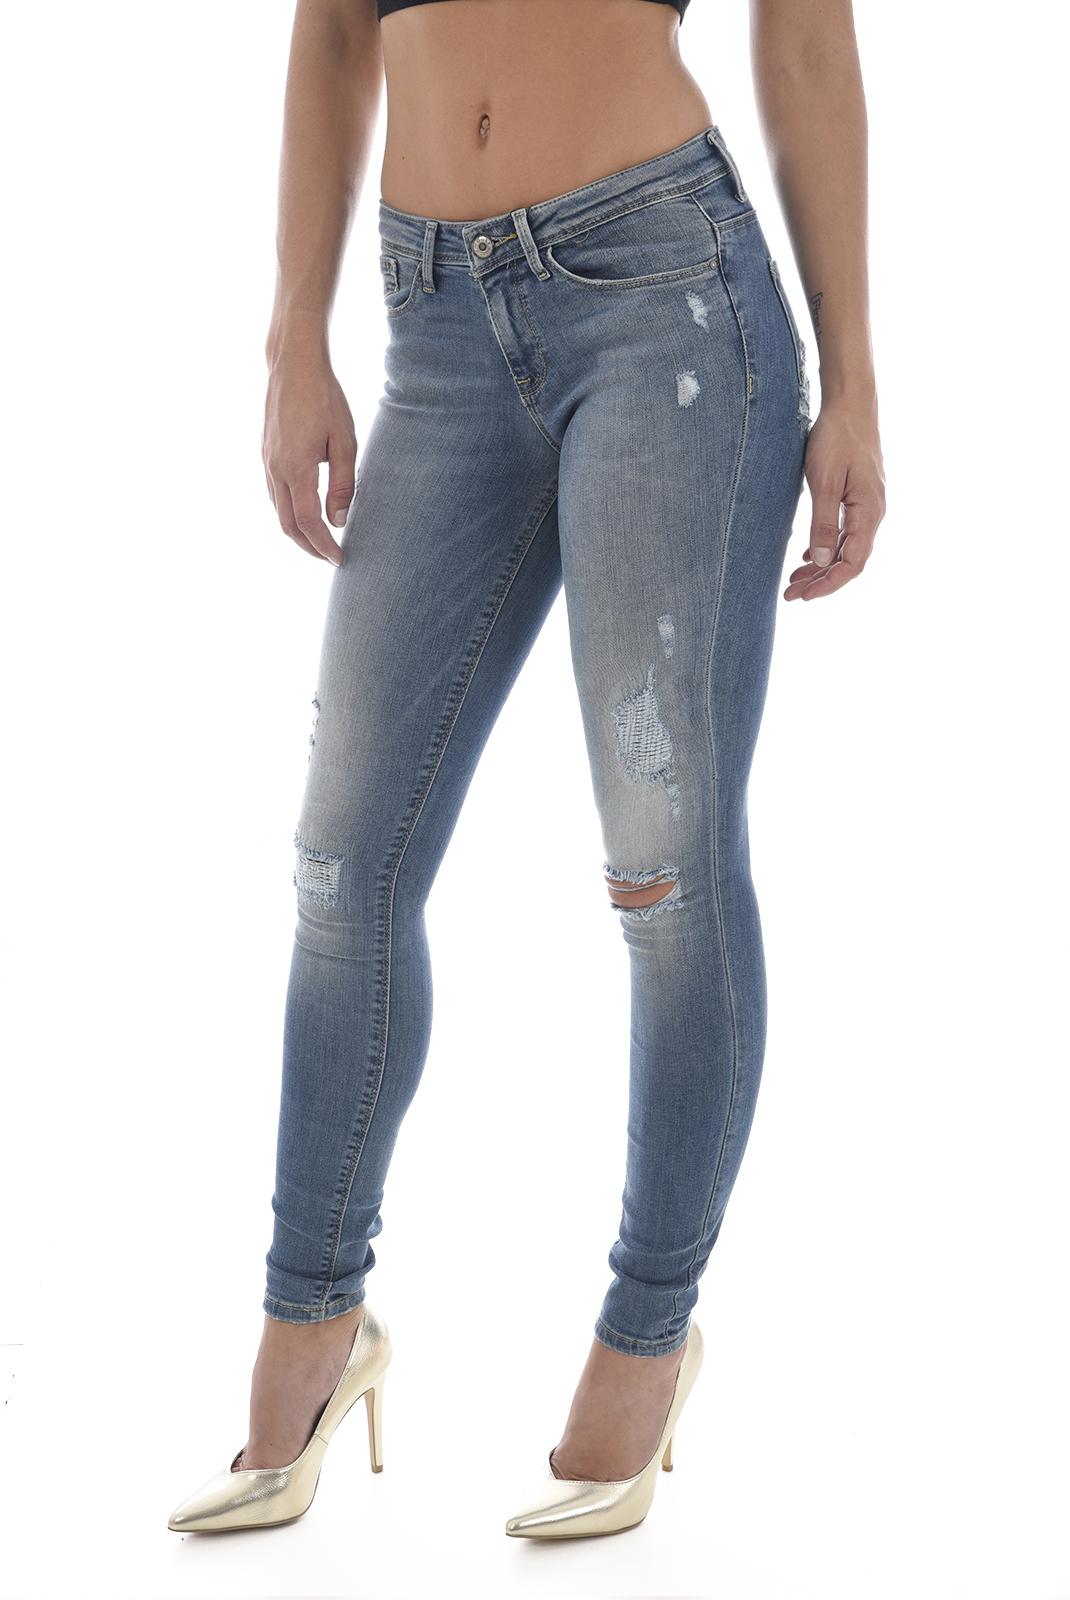 Jeans   Only CARMEN REG SK MEDIUM BLUE DENIM